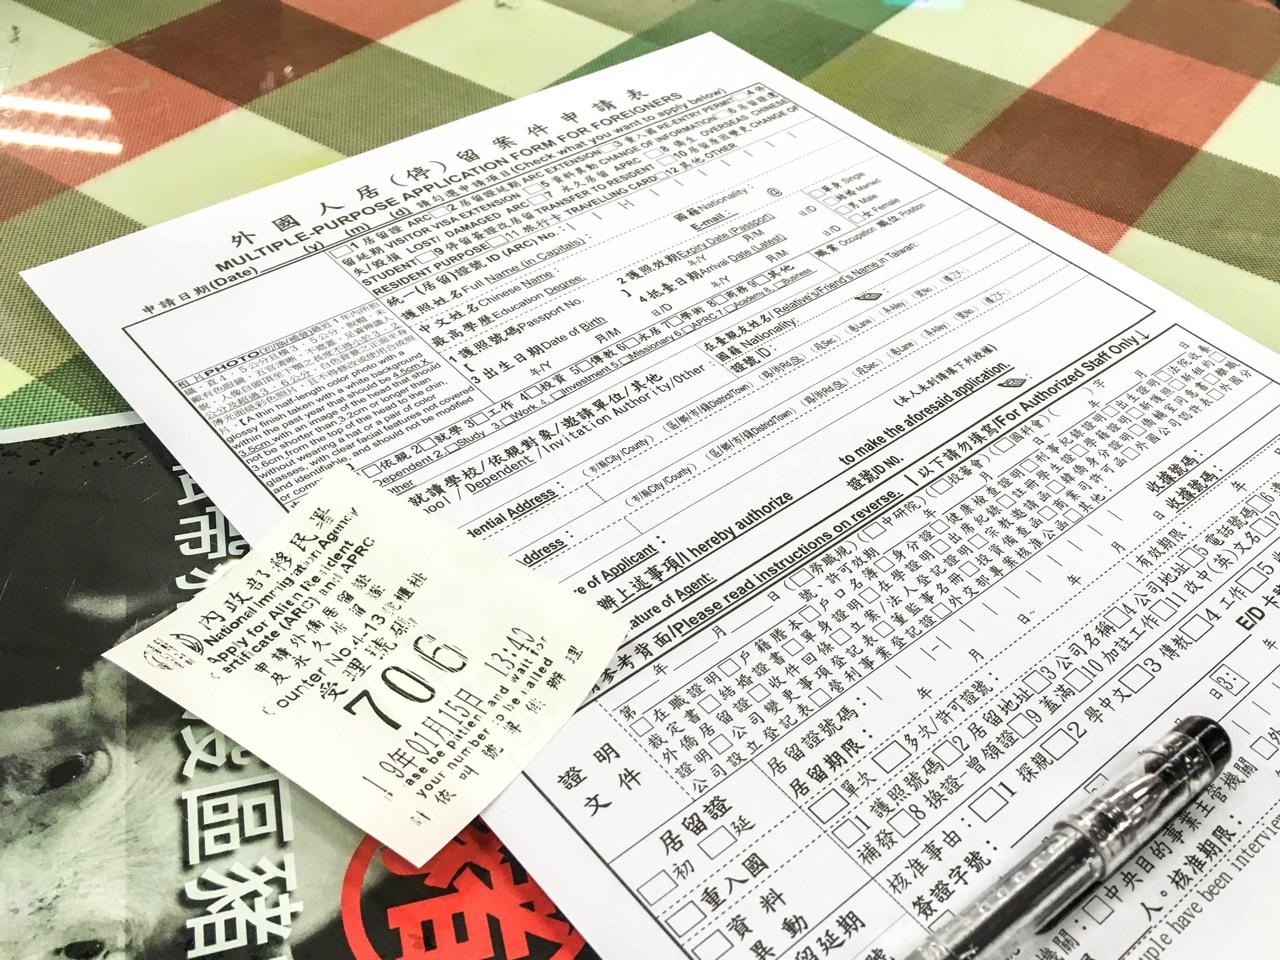 外國人居(停)留案件申請表と整理券